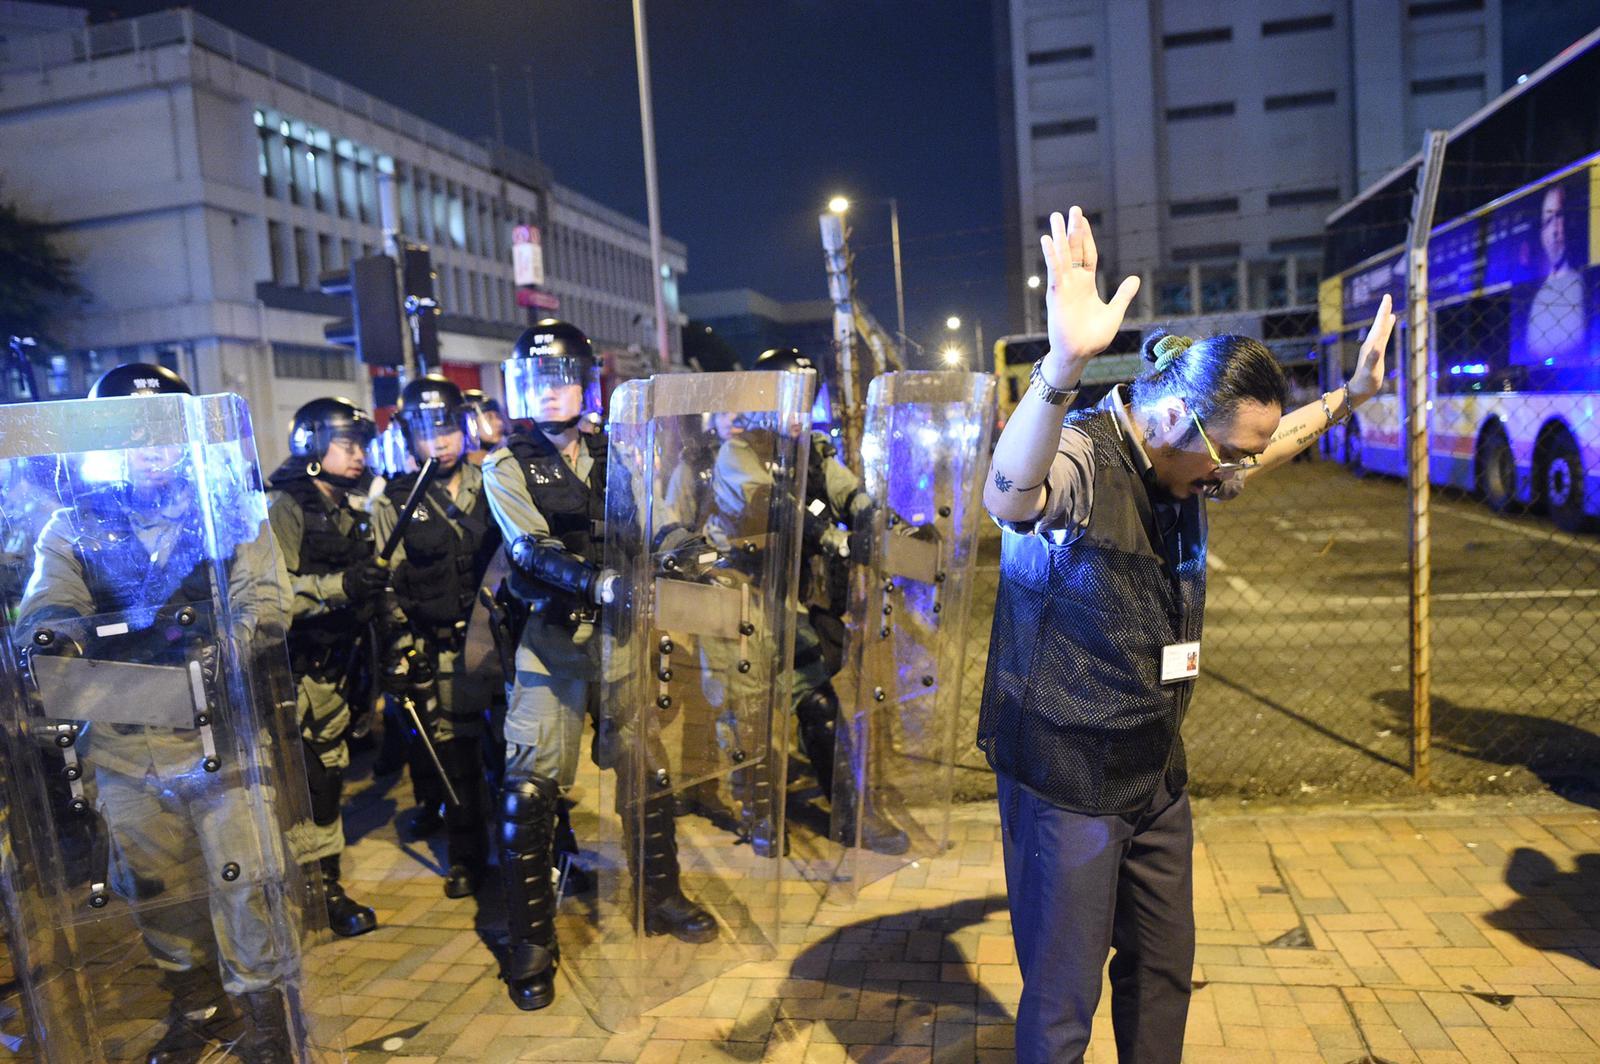 警察要求示威者立即散去